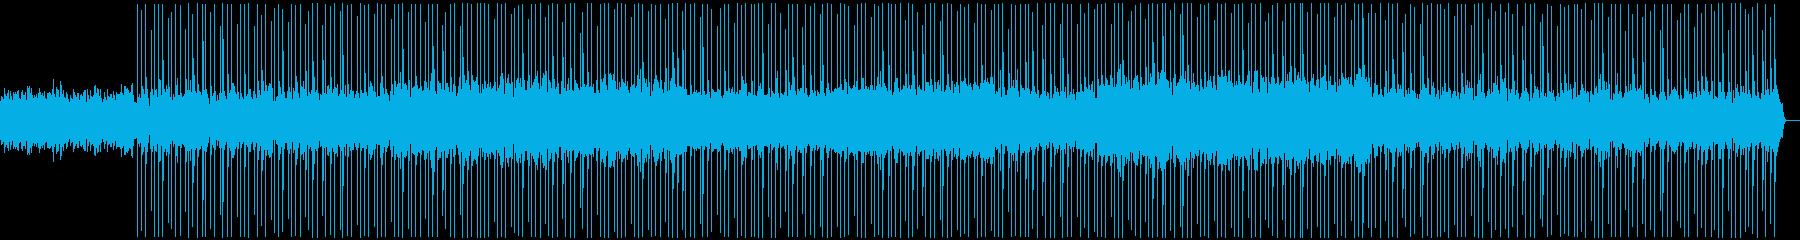 冬を感じる静かでゆったりした曲の再生済みの波形